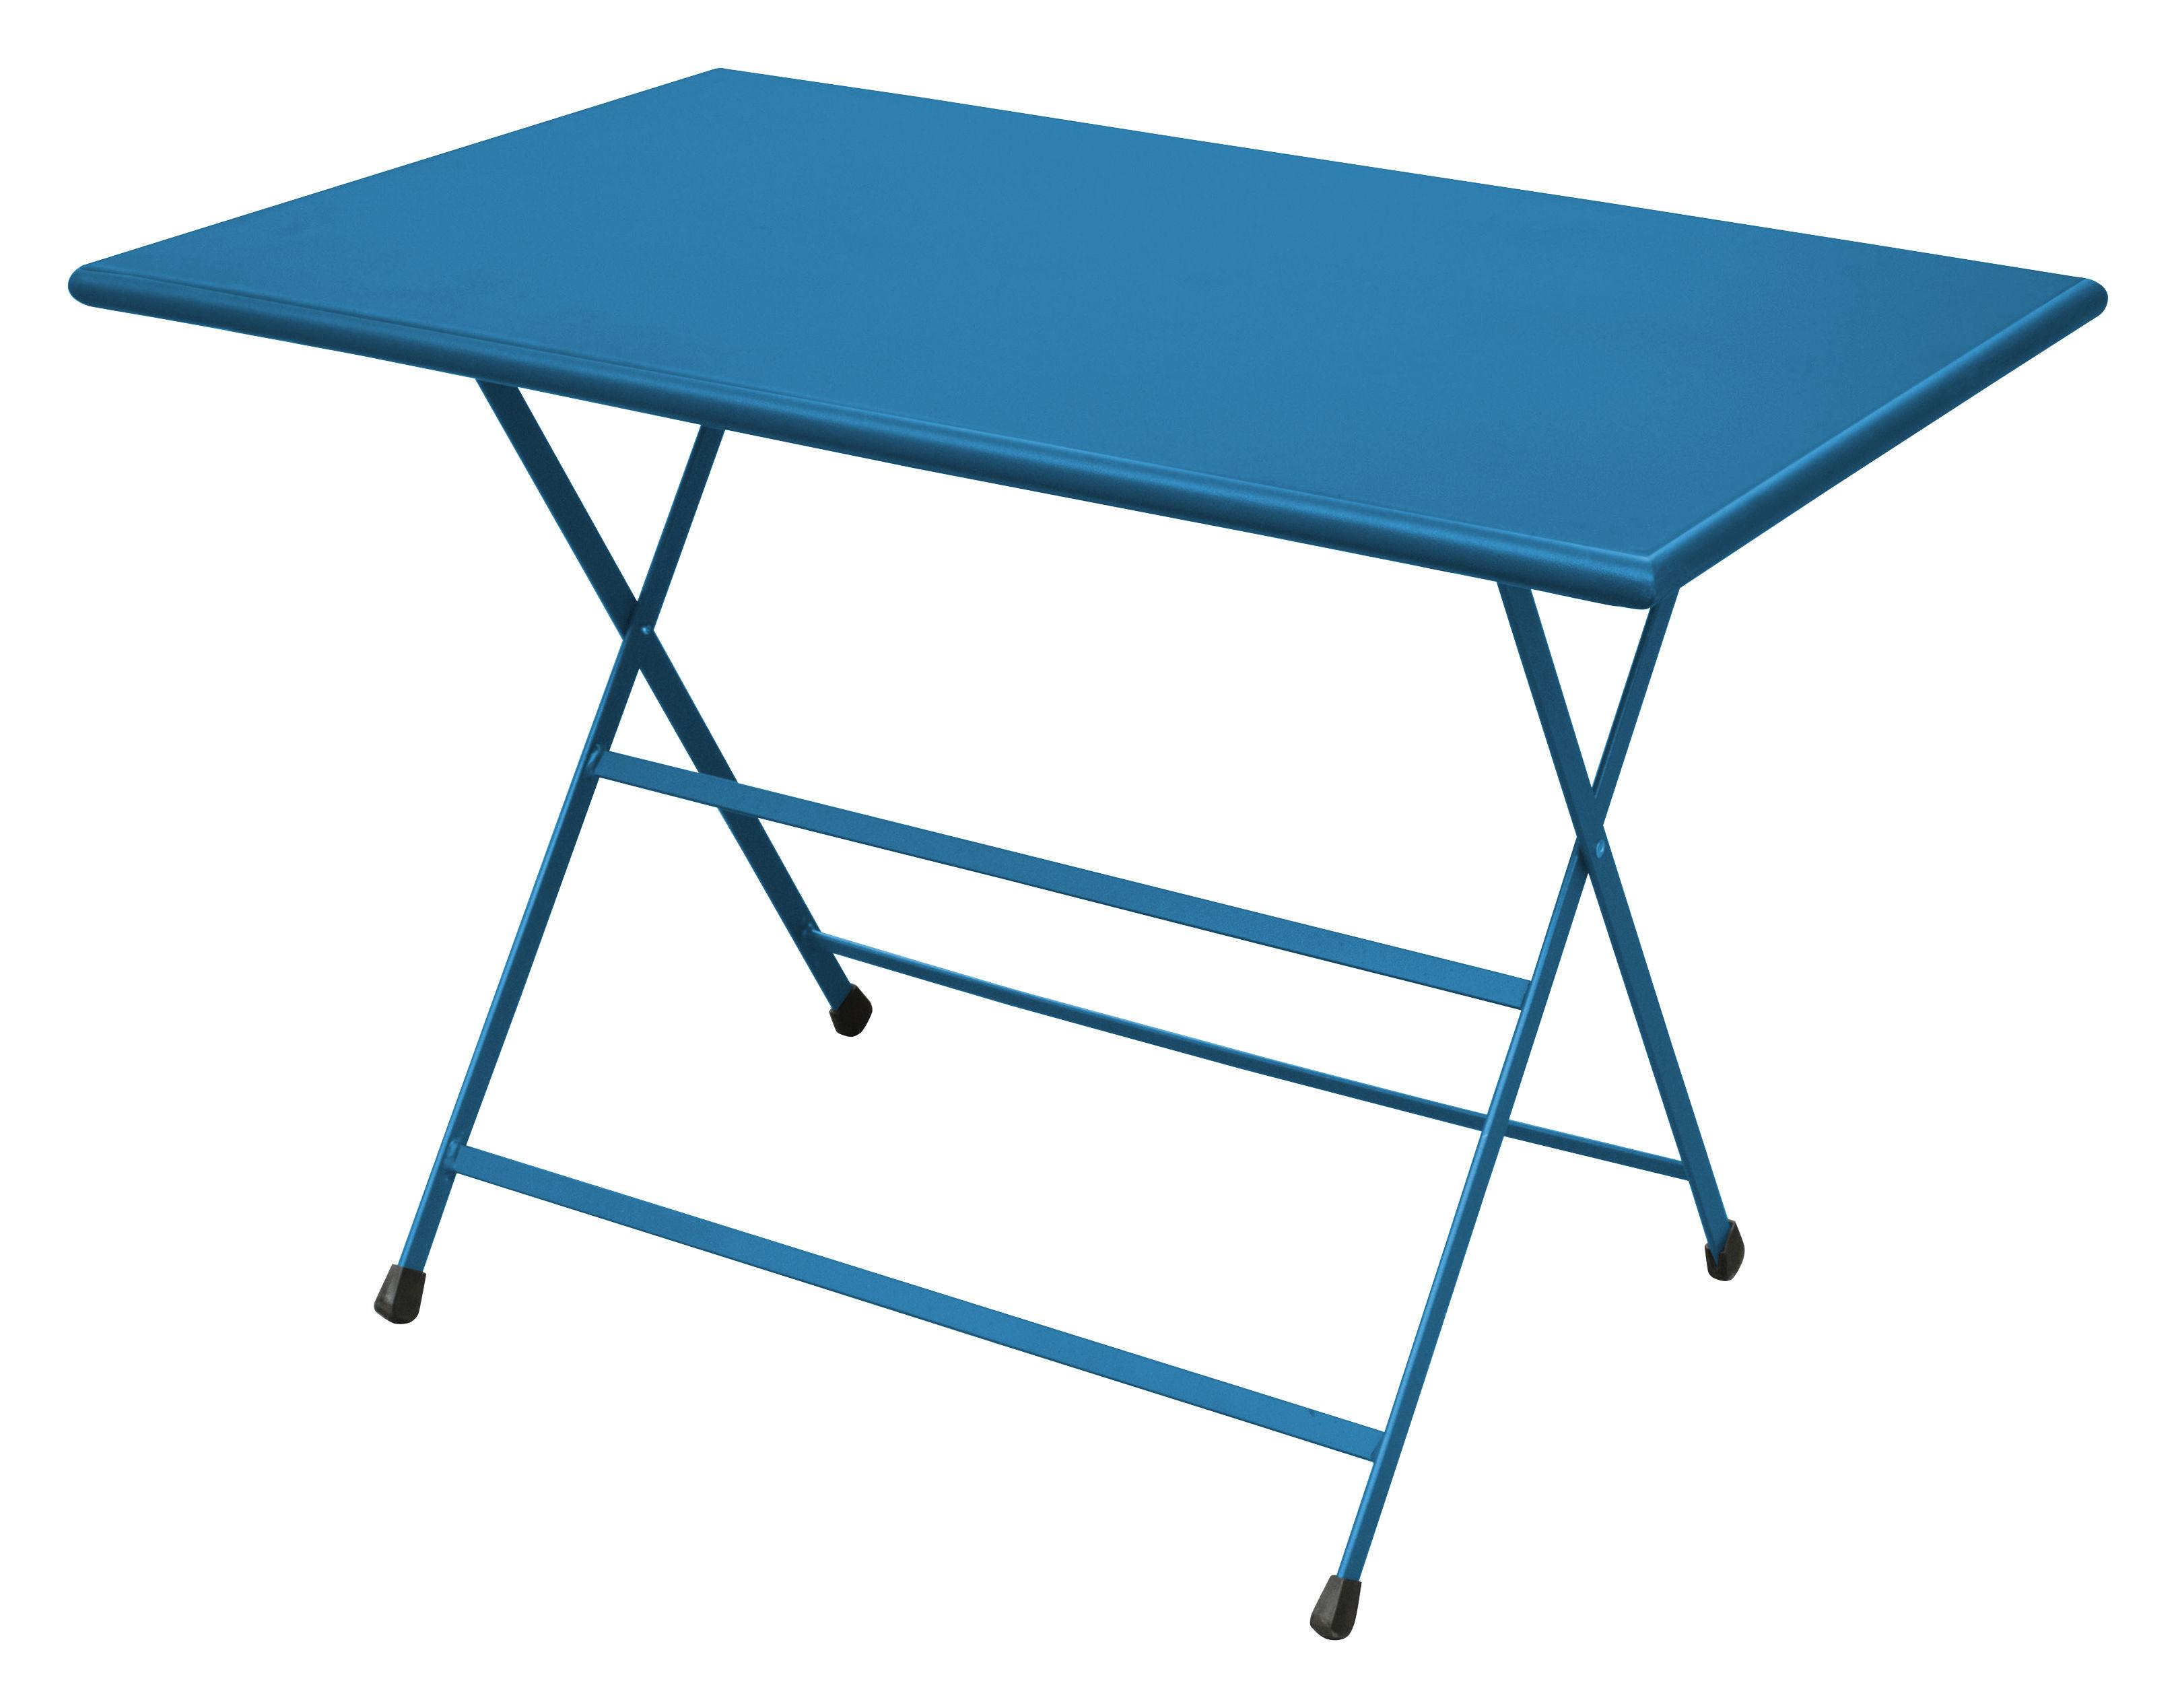 Outdoor - Tavoli  - Tavolo pieghevole Arc en Ciel - 110 x 70 cm - Pieghevole di Emu - Azzurro - Acciaio inossidabile verniciato